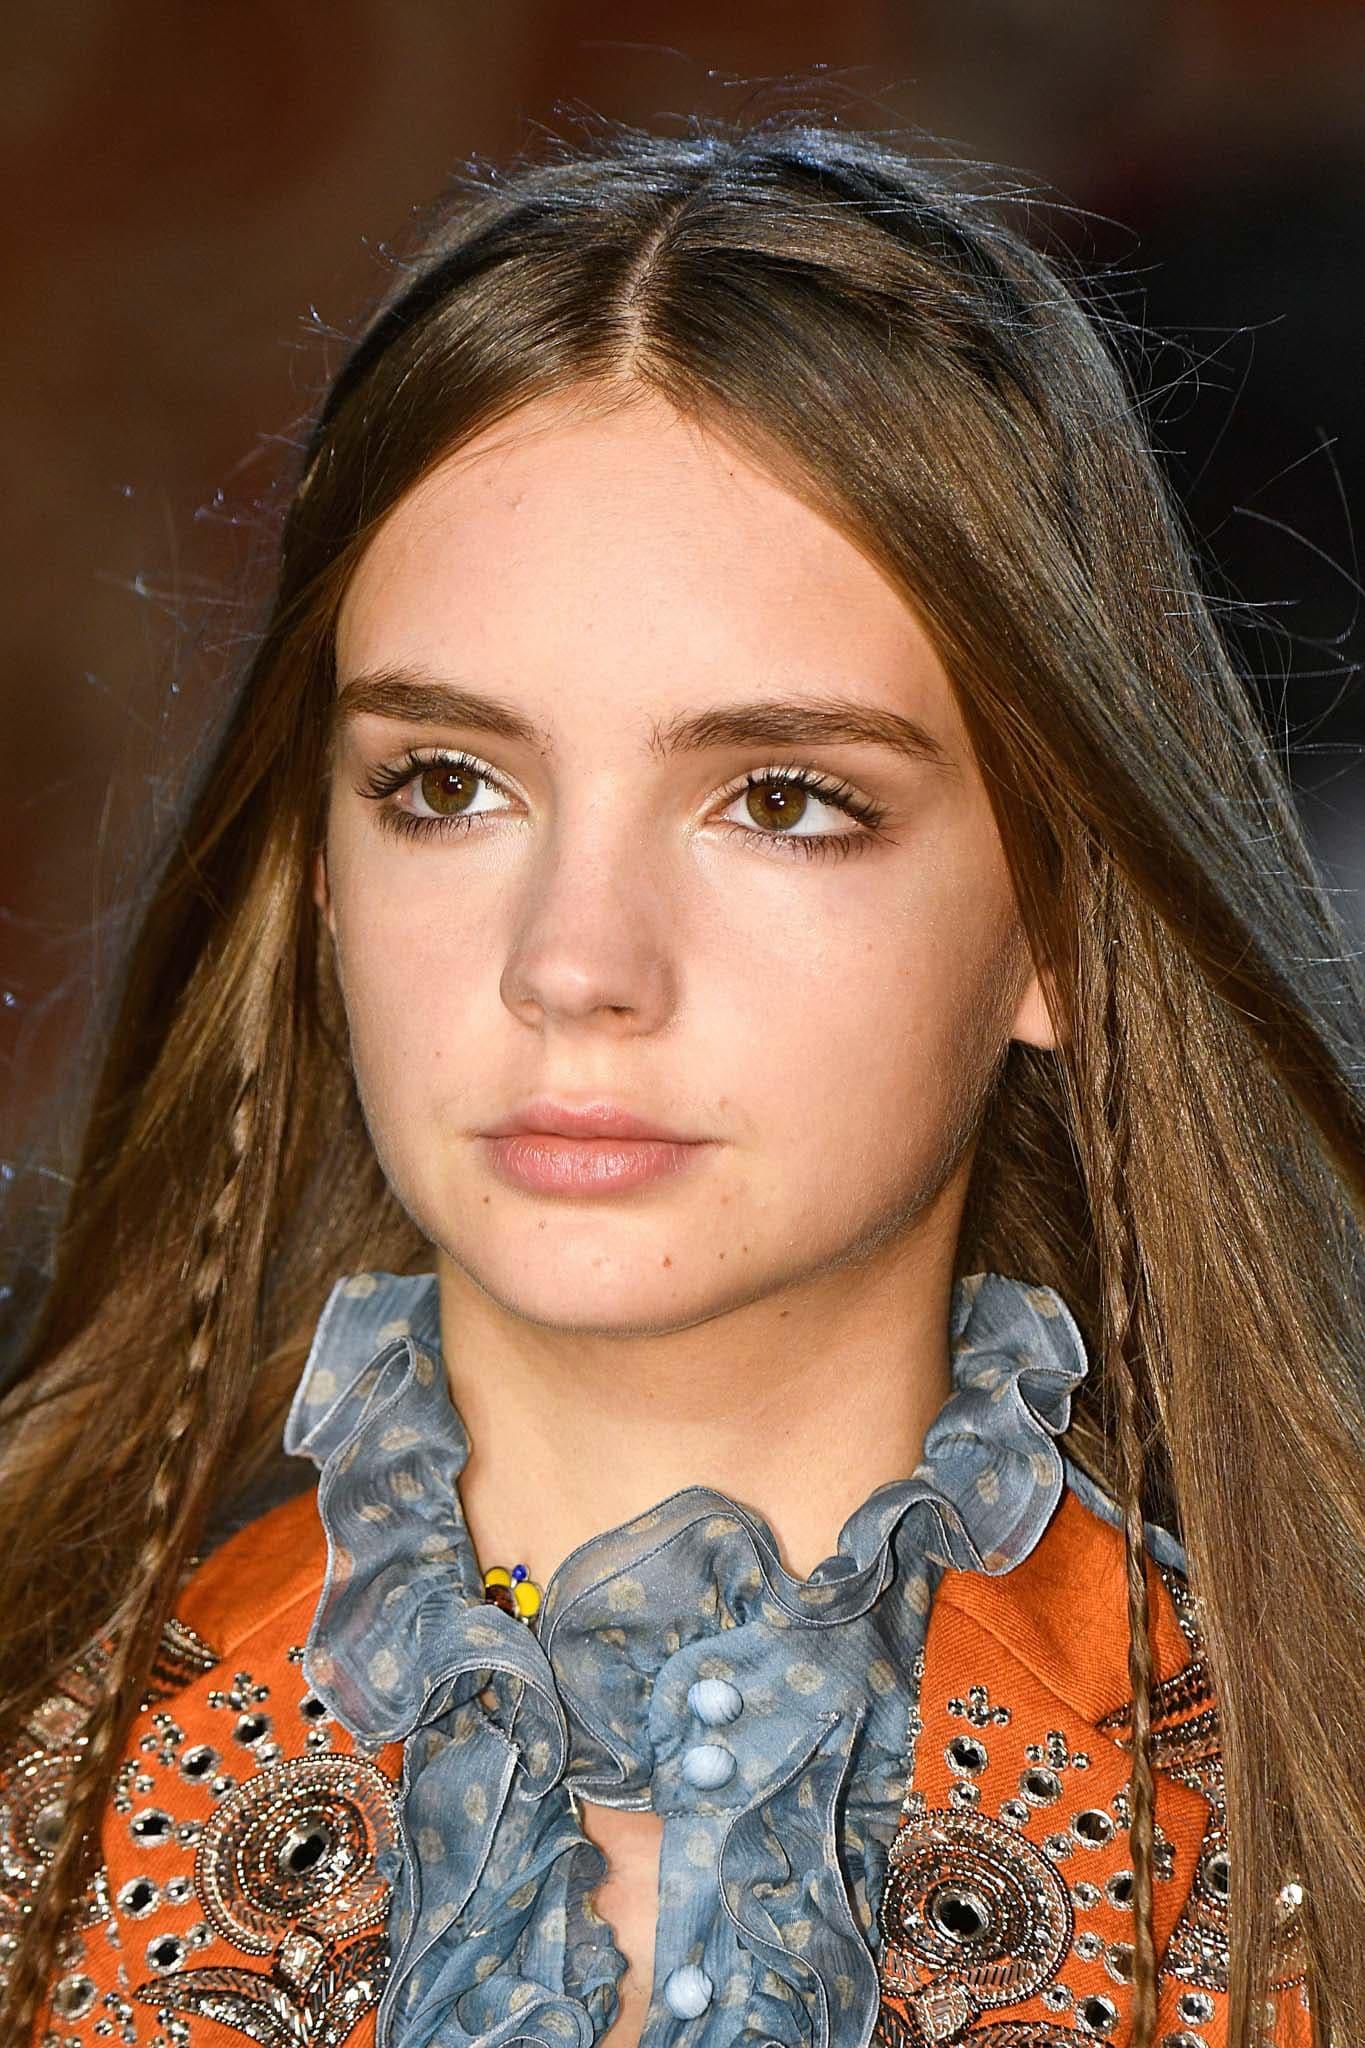 pelo suelto liso brillante trencita castaño raya al medio boho